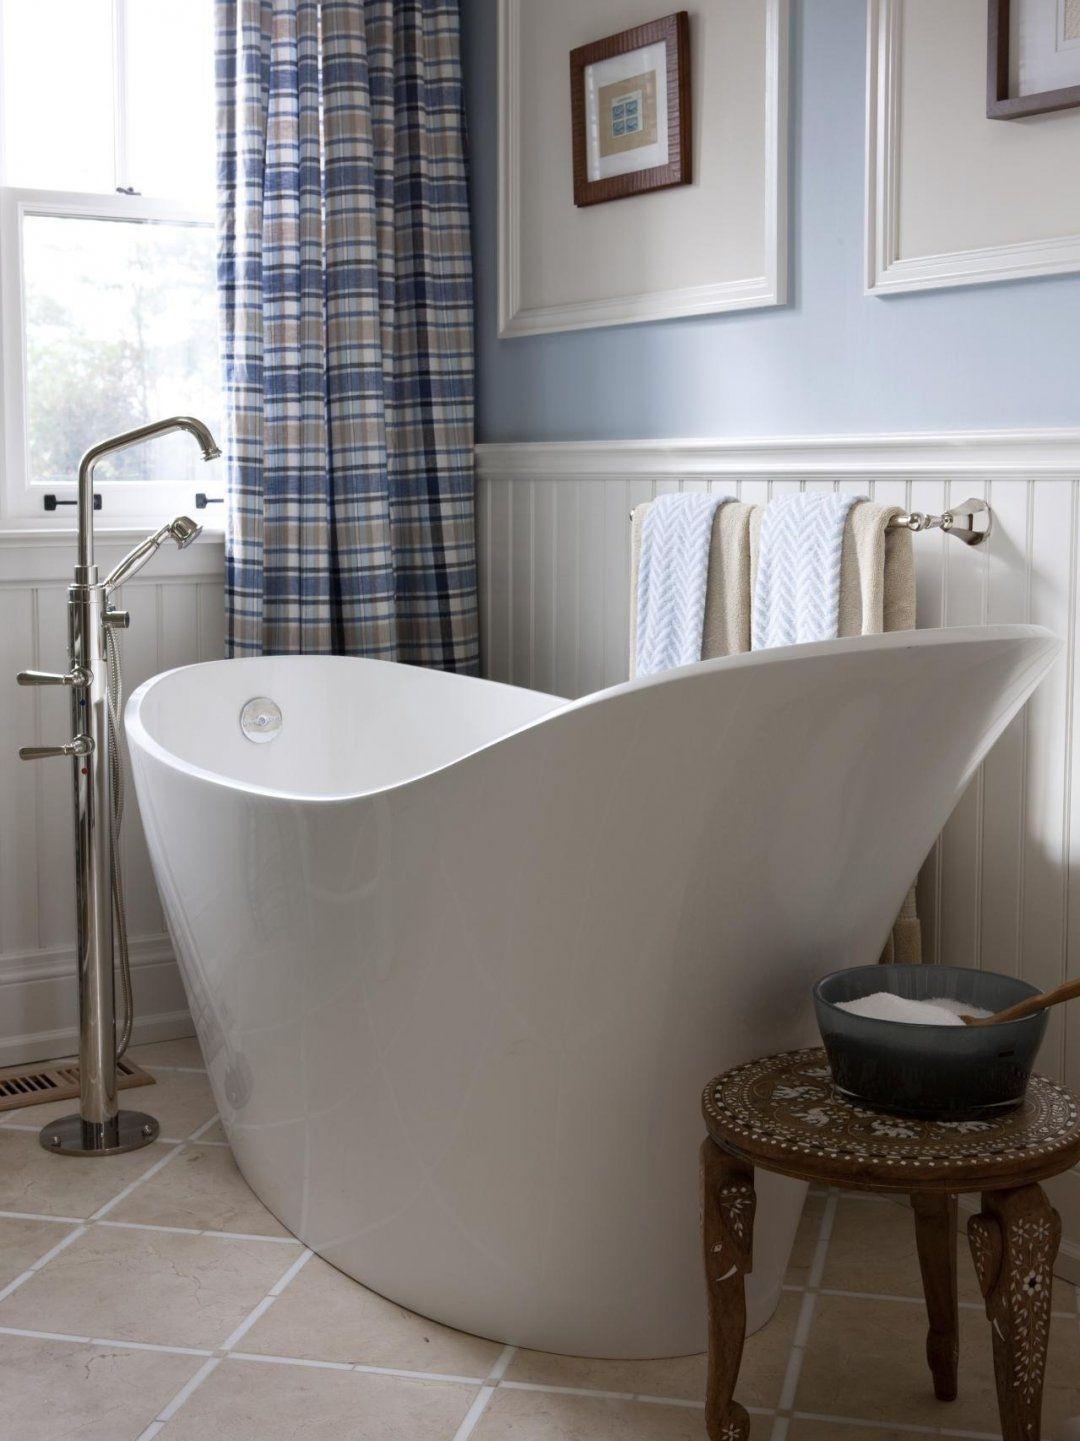 Erstaunlich Grosse Badewanne Dusche Combo Kleines Bad Badewanne Badezimmer Beispiele Badezimmer Renovieren